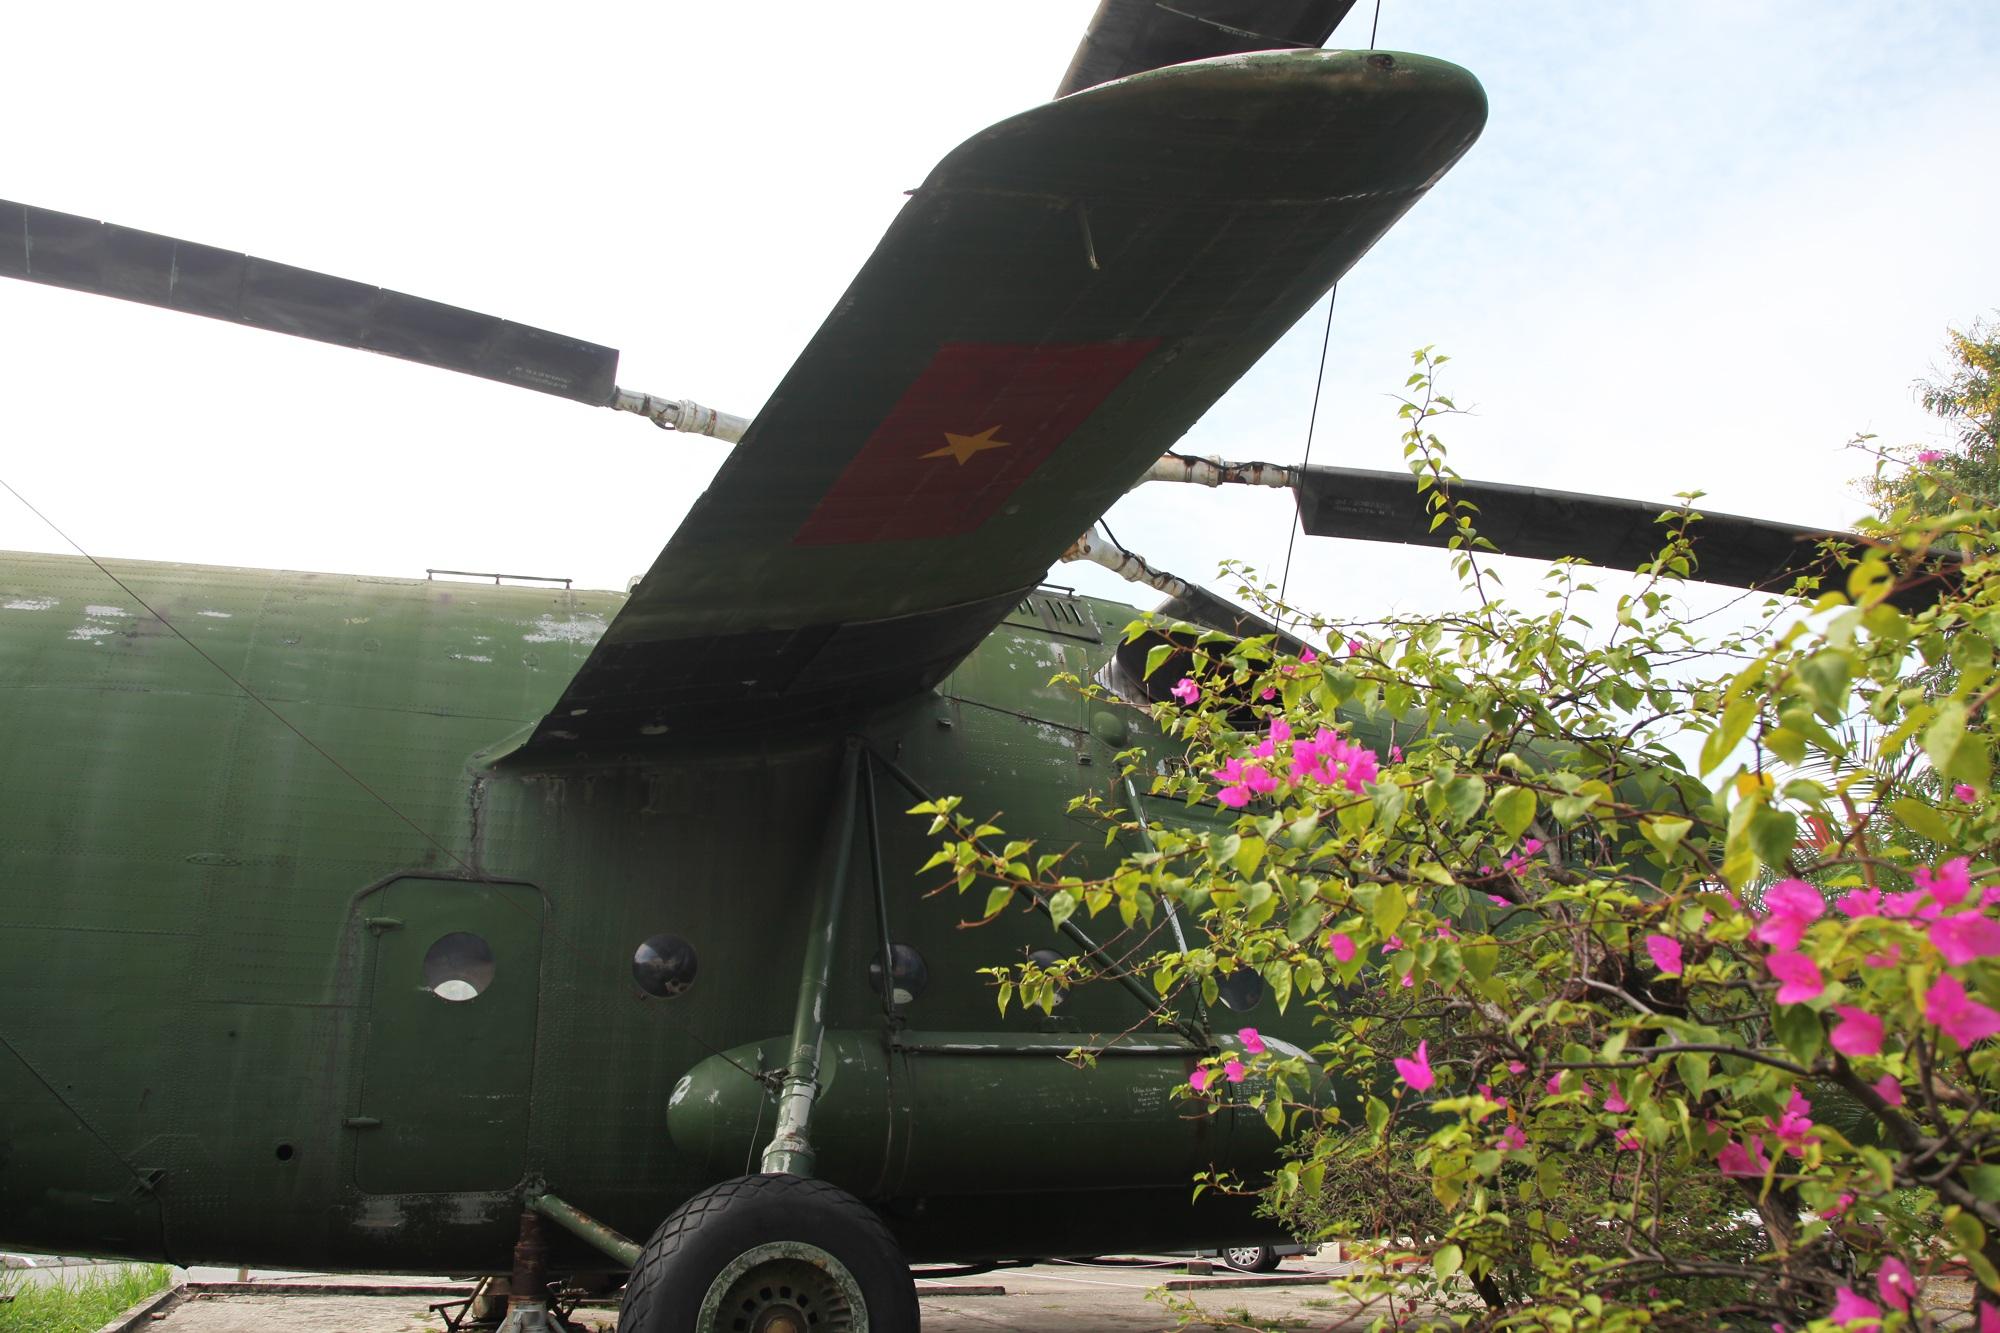 Cận cảnh trực thăng khổng lồ huyền thoại của Không quân Việt Nam - 8